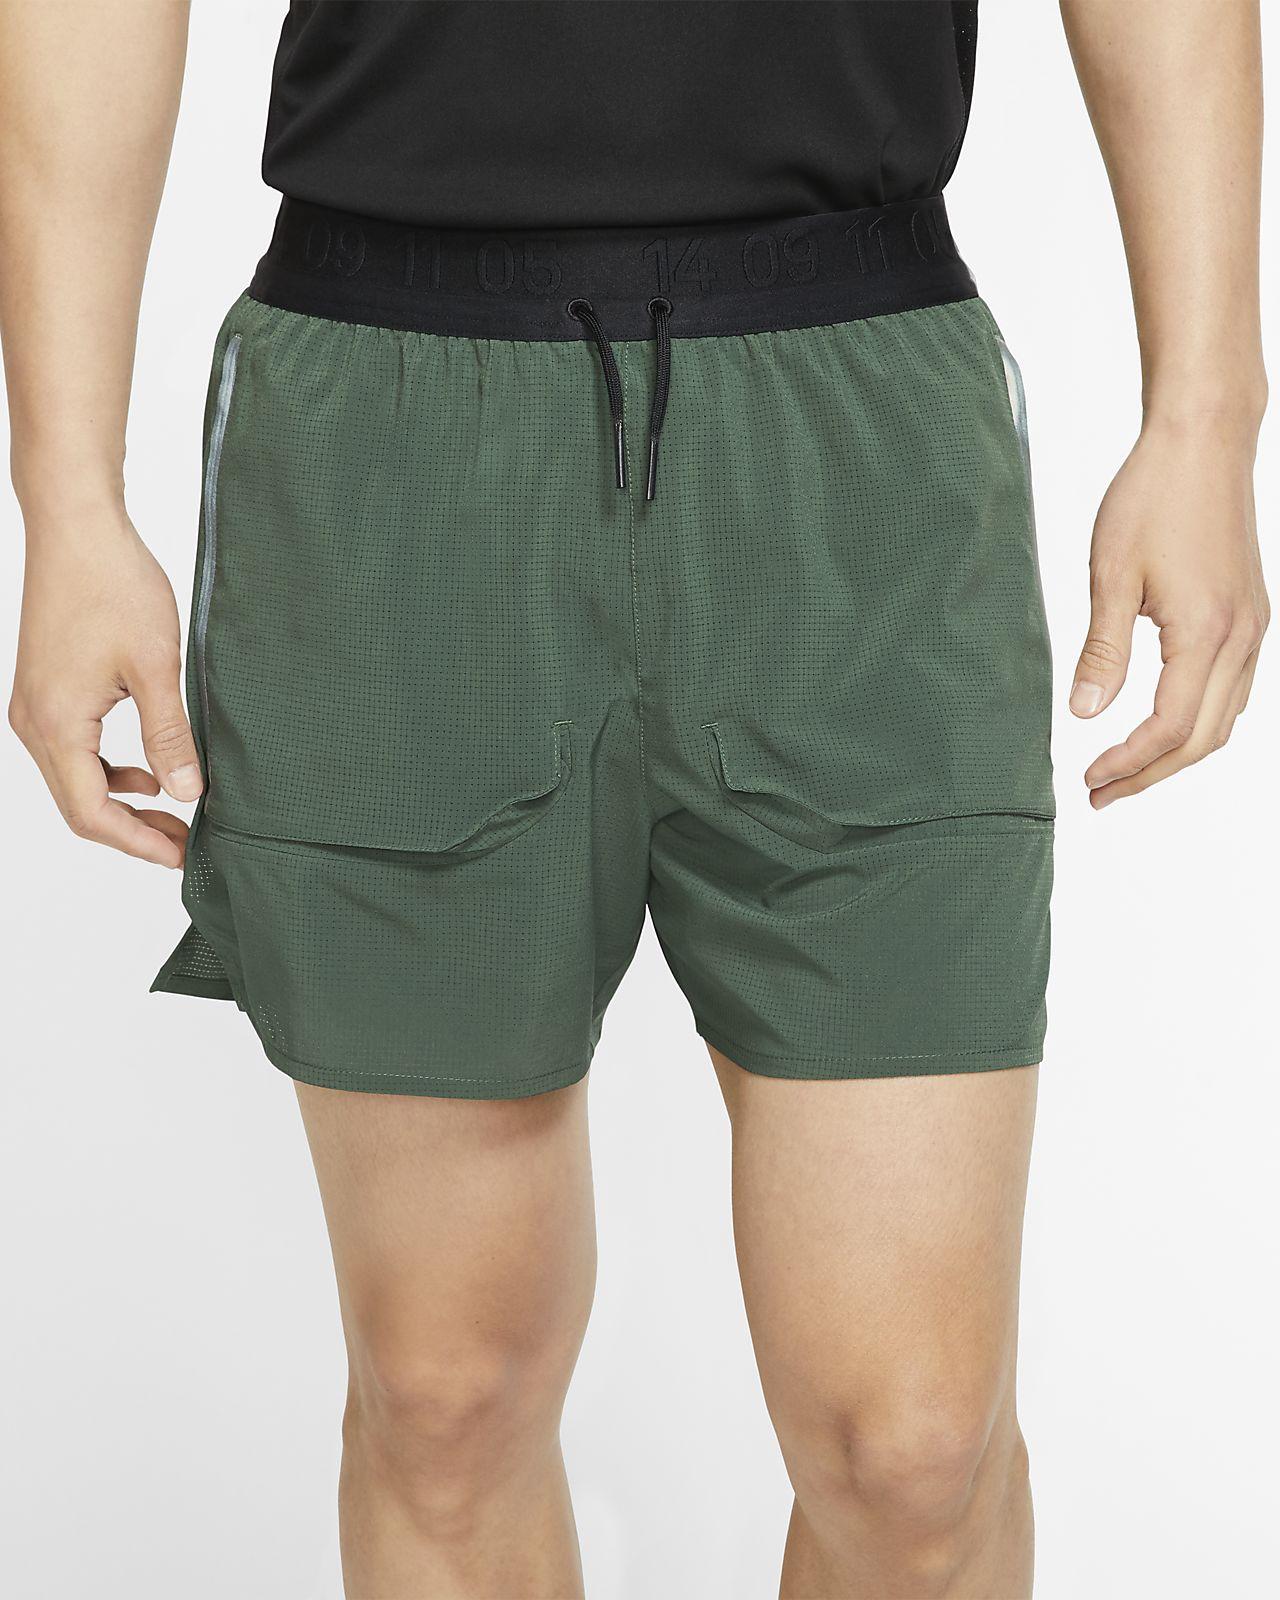 กางเกงวิ่งขาสั้นมีซับในผู้ชาย Nike